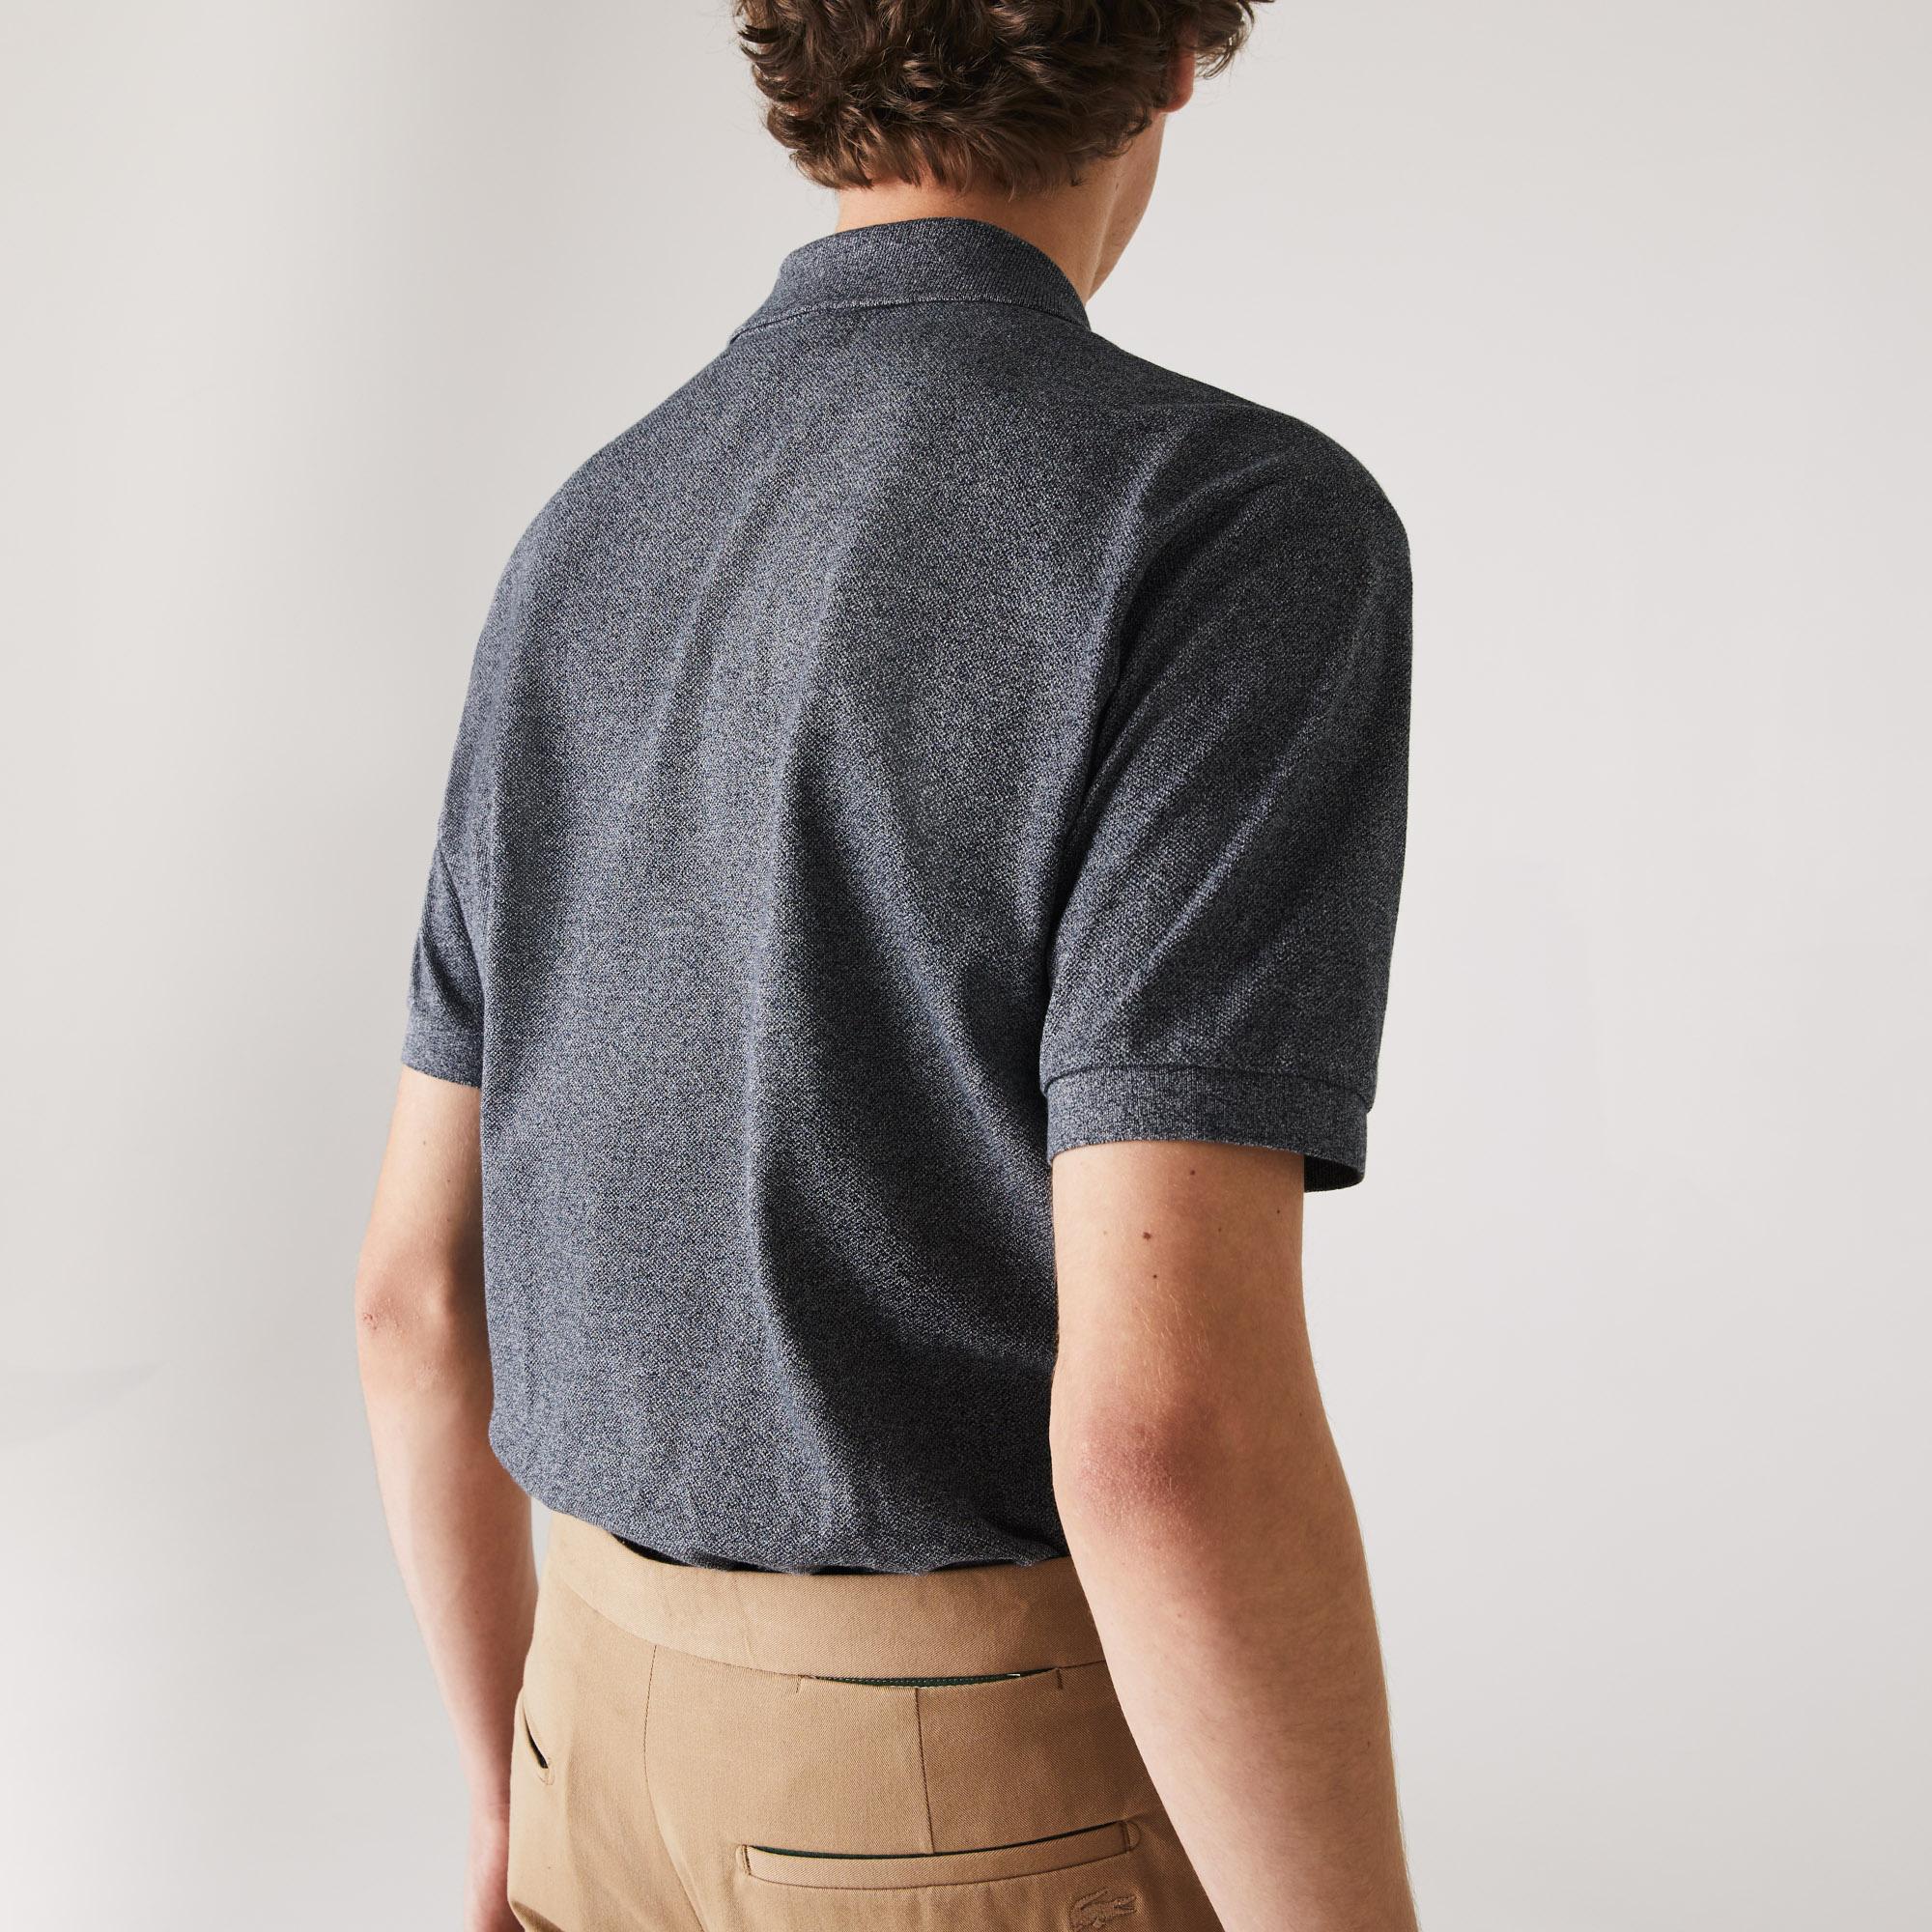 Lacoste Men's Marl L.12.64 Original Fit Polo